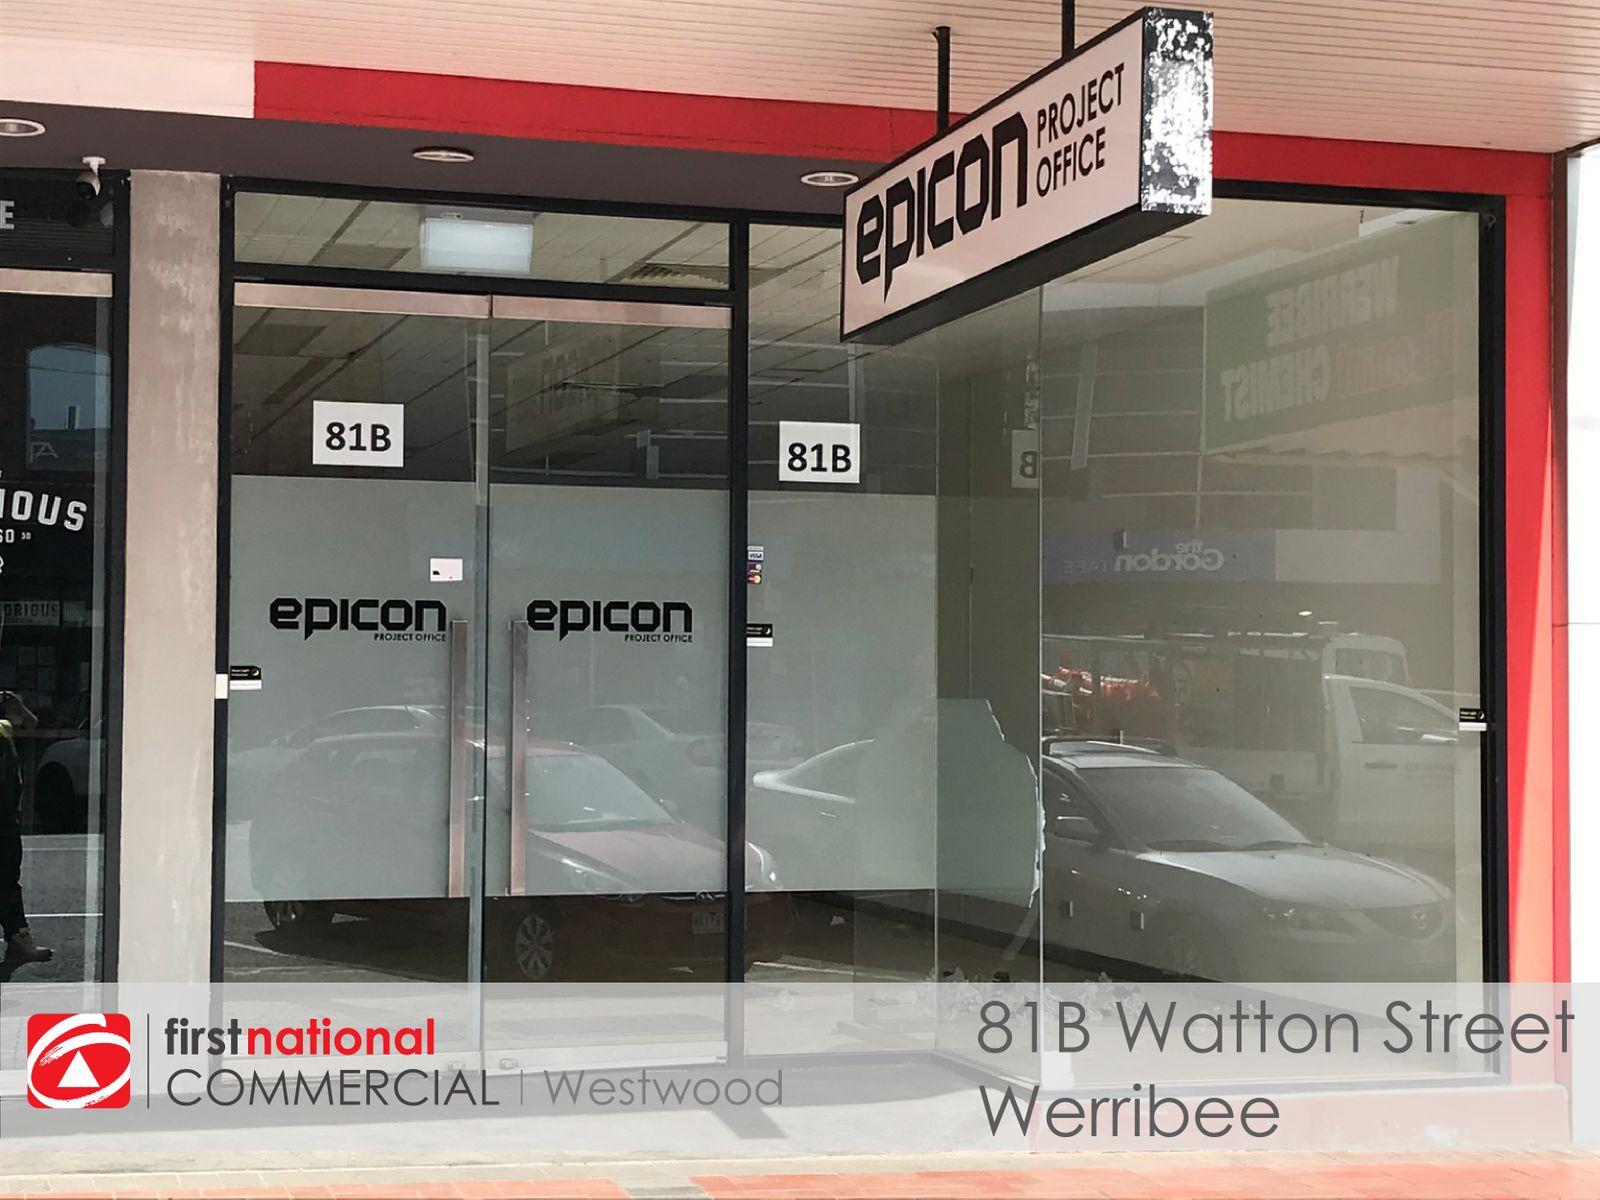 81b Watton Street, Werribee, VIC 3030